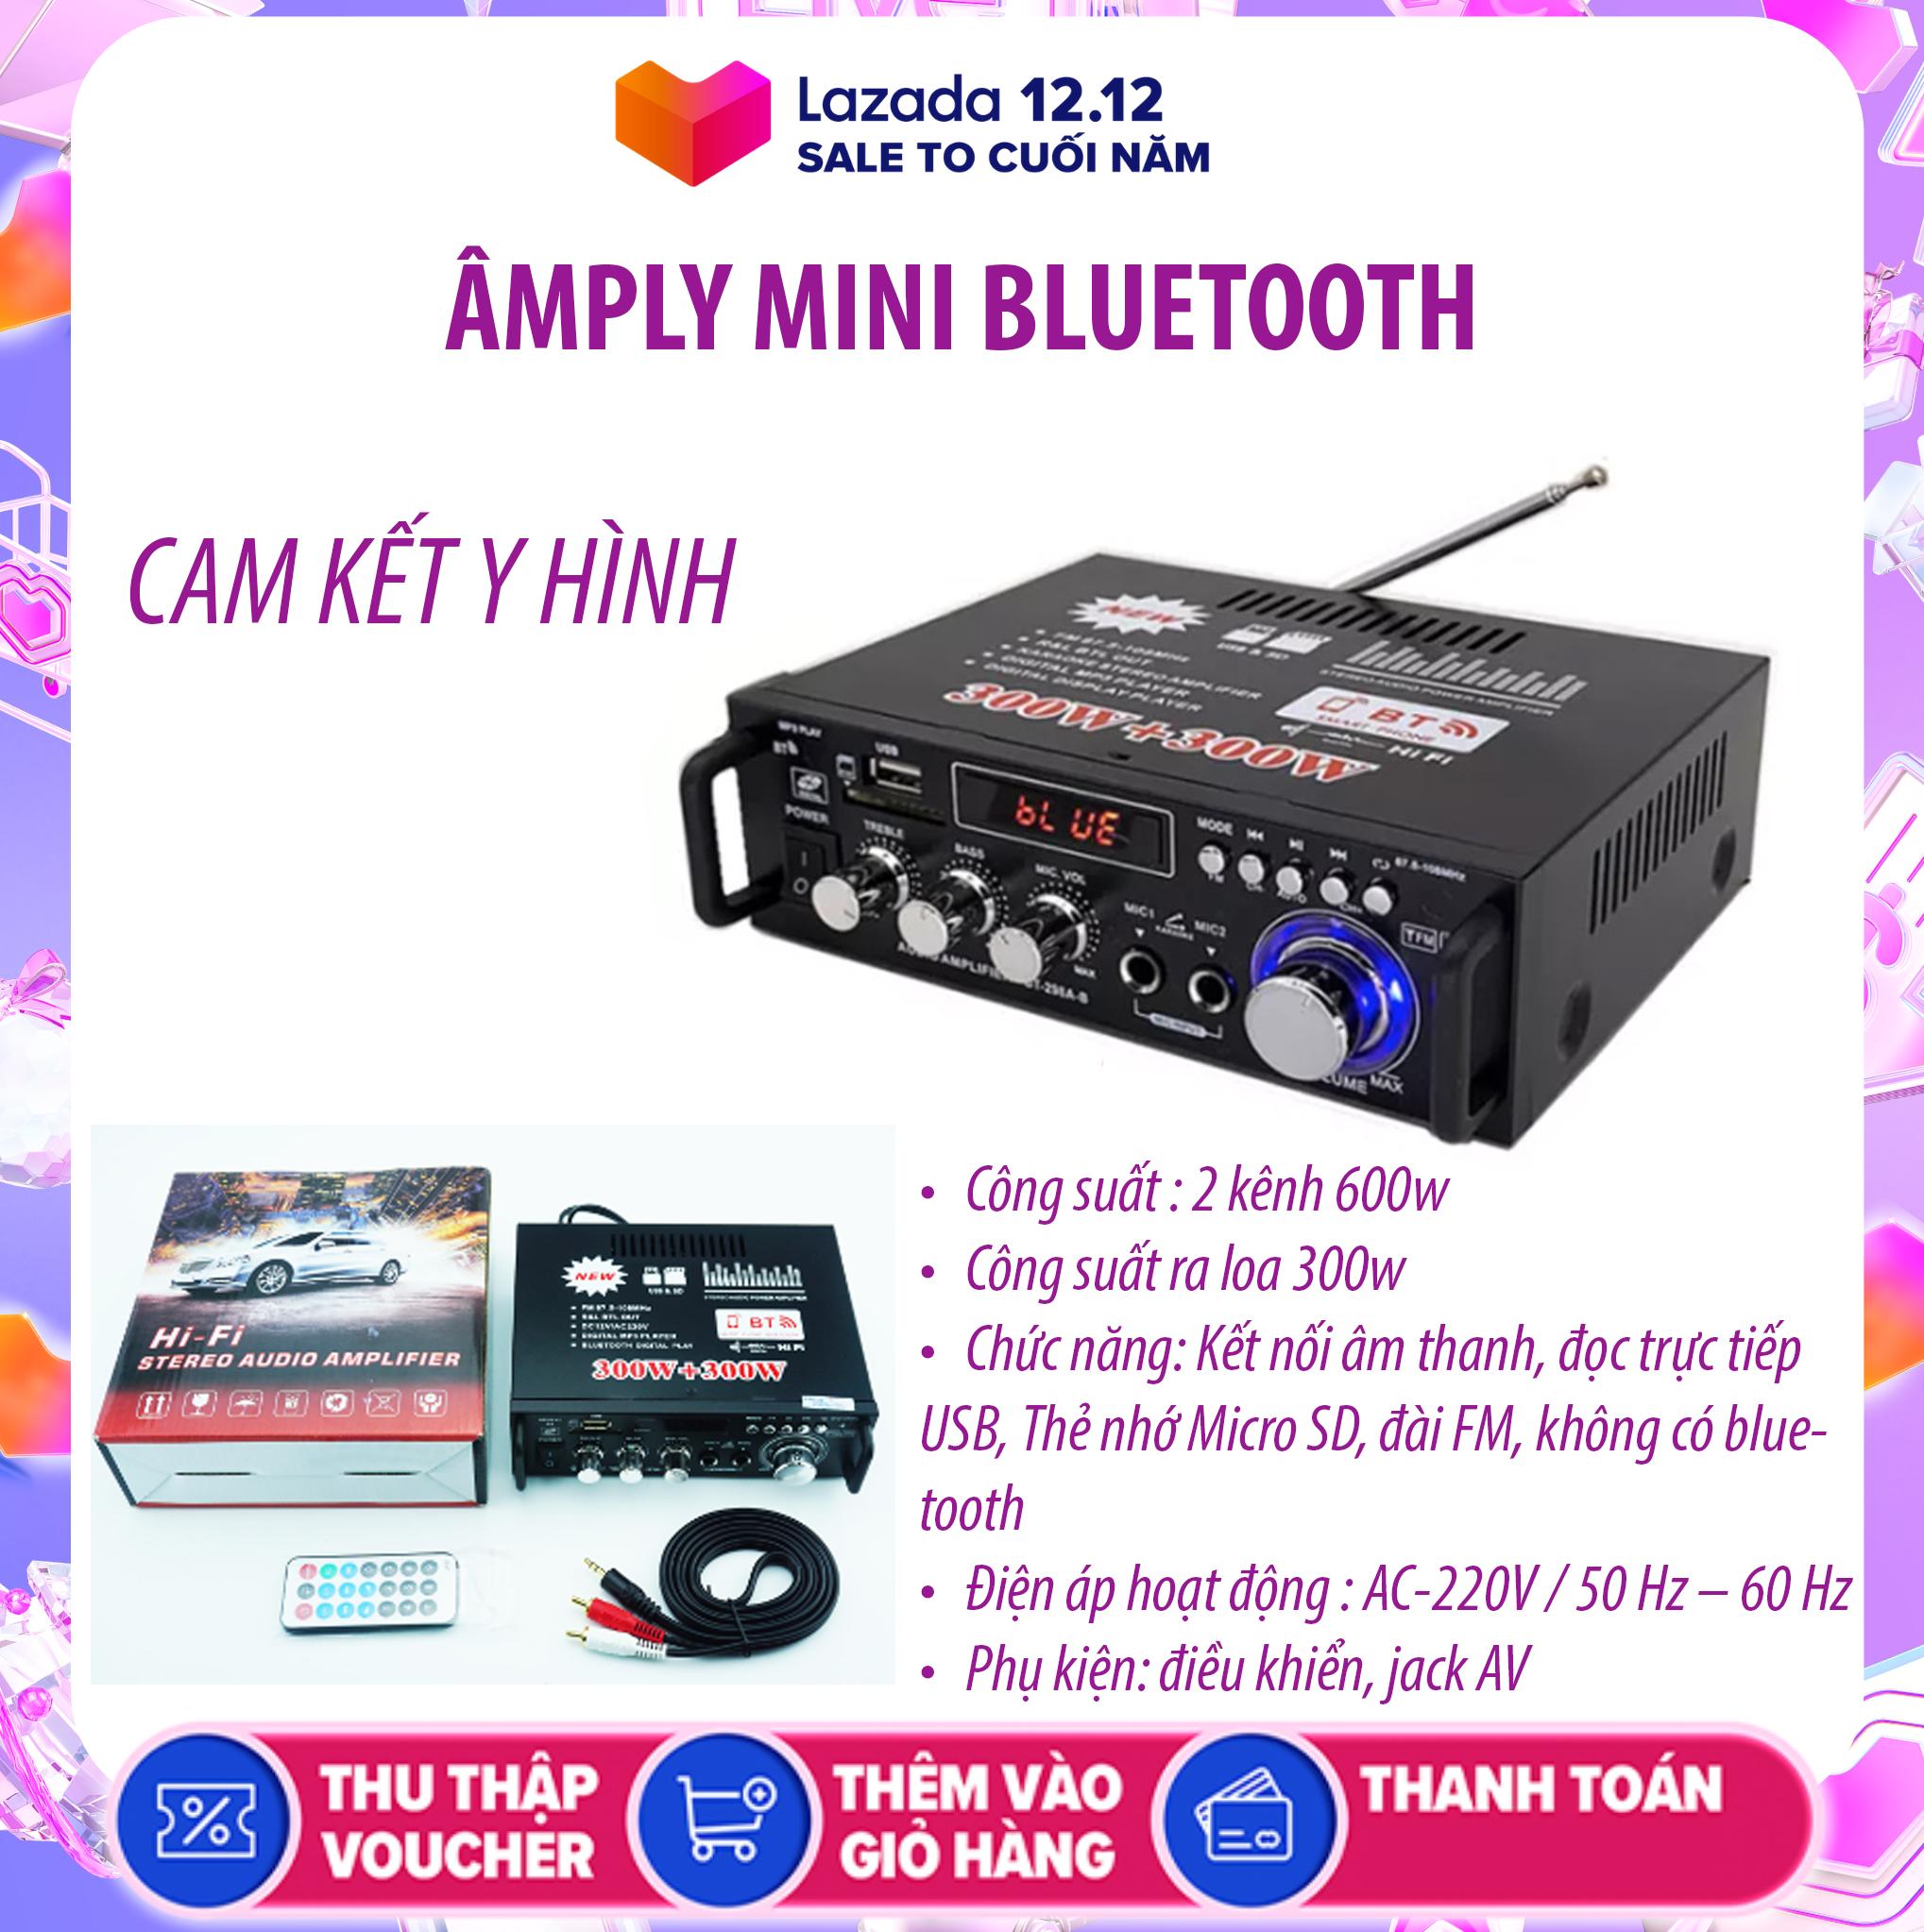 Amply MINI Bluetooth GIÁ RẺ công suất 2 KÊNH 600W – Bass khỏe âm thanh sống động ,Tự Động Lọc Nhiễu, Hỗ Trợ Khe Cắm Thẻ Nhớ, Trang Bị Điều Khiển Từ Xa, Dễ Dàng Di Chuyển – CÁCH SỬ DỤNG AMPLY BT298A